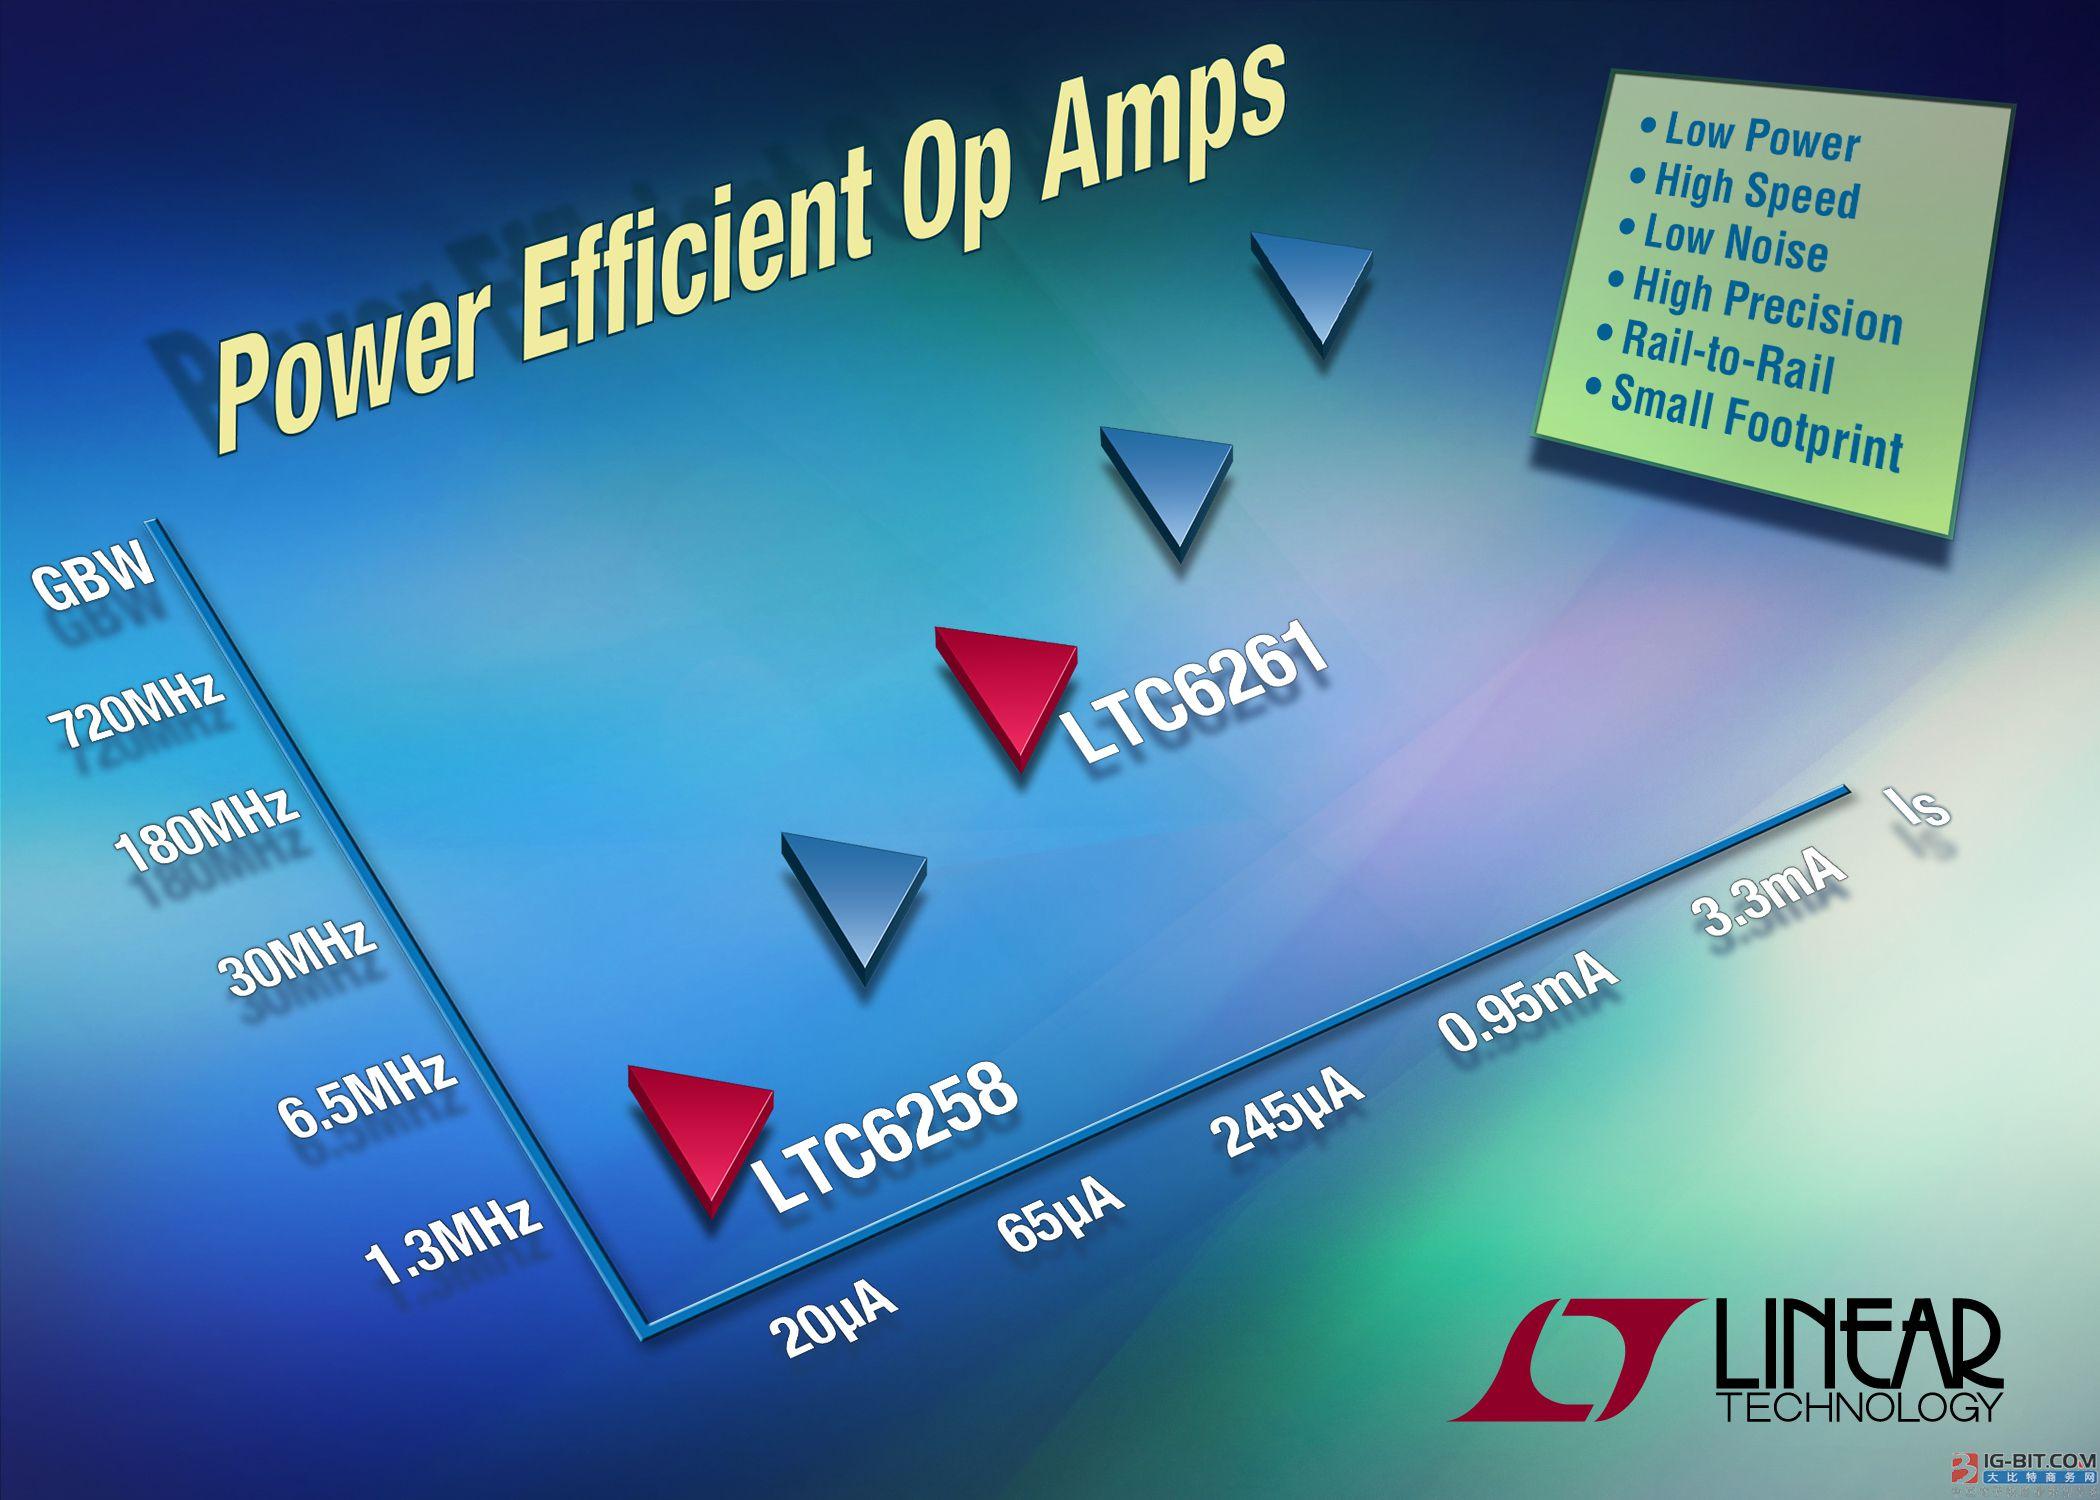 轨至轨运放具有高精度和高电源效率